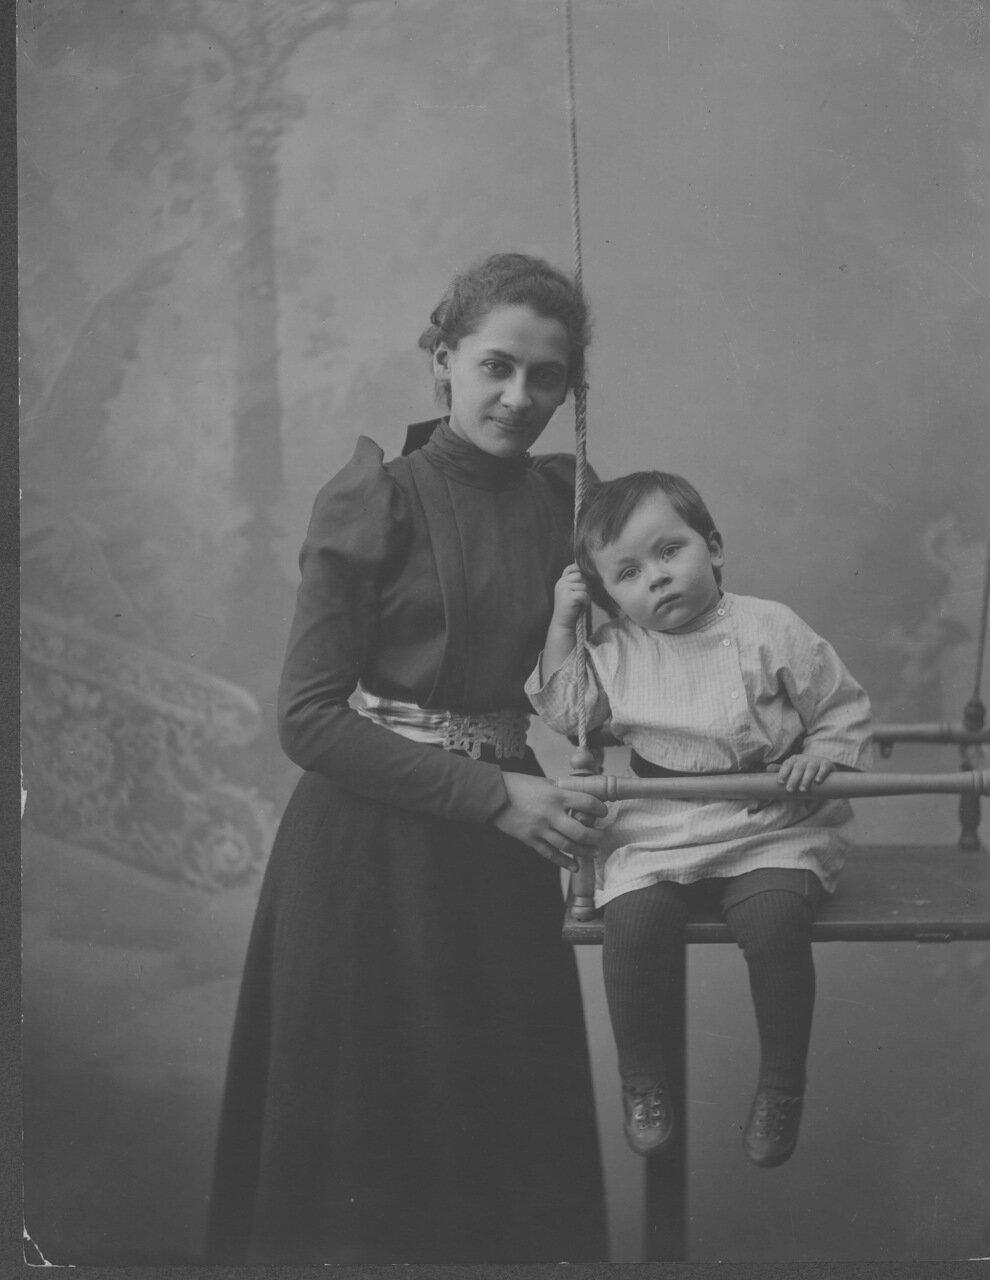 Е. П. Пешкова, жена А. М. Горького, с сыном Максимом  г. Нижний Новгород.  1900.